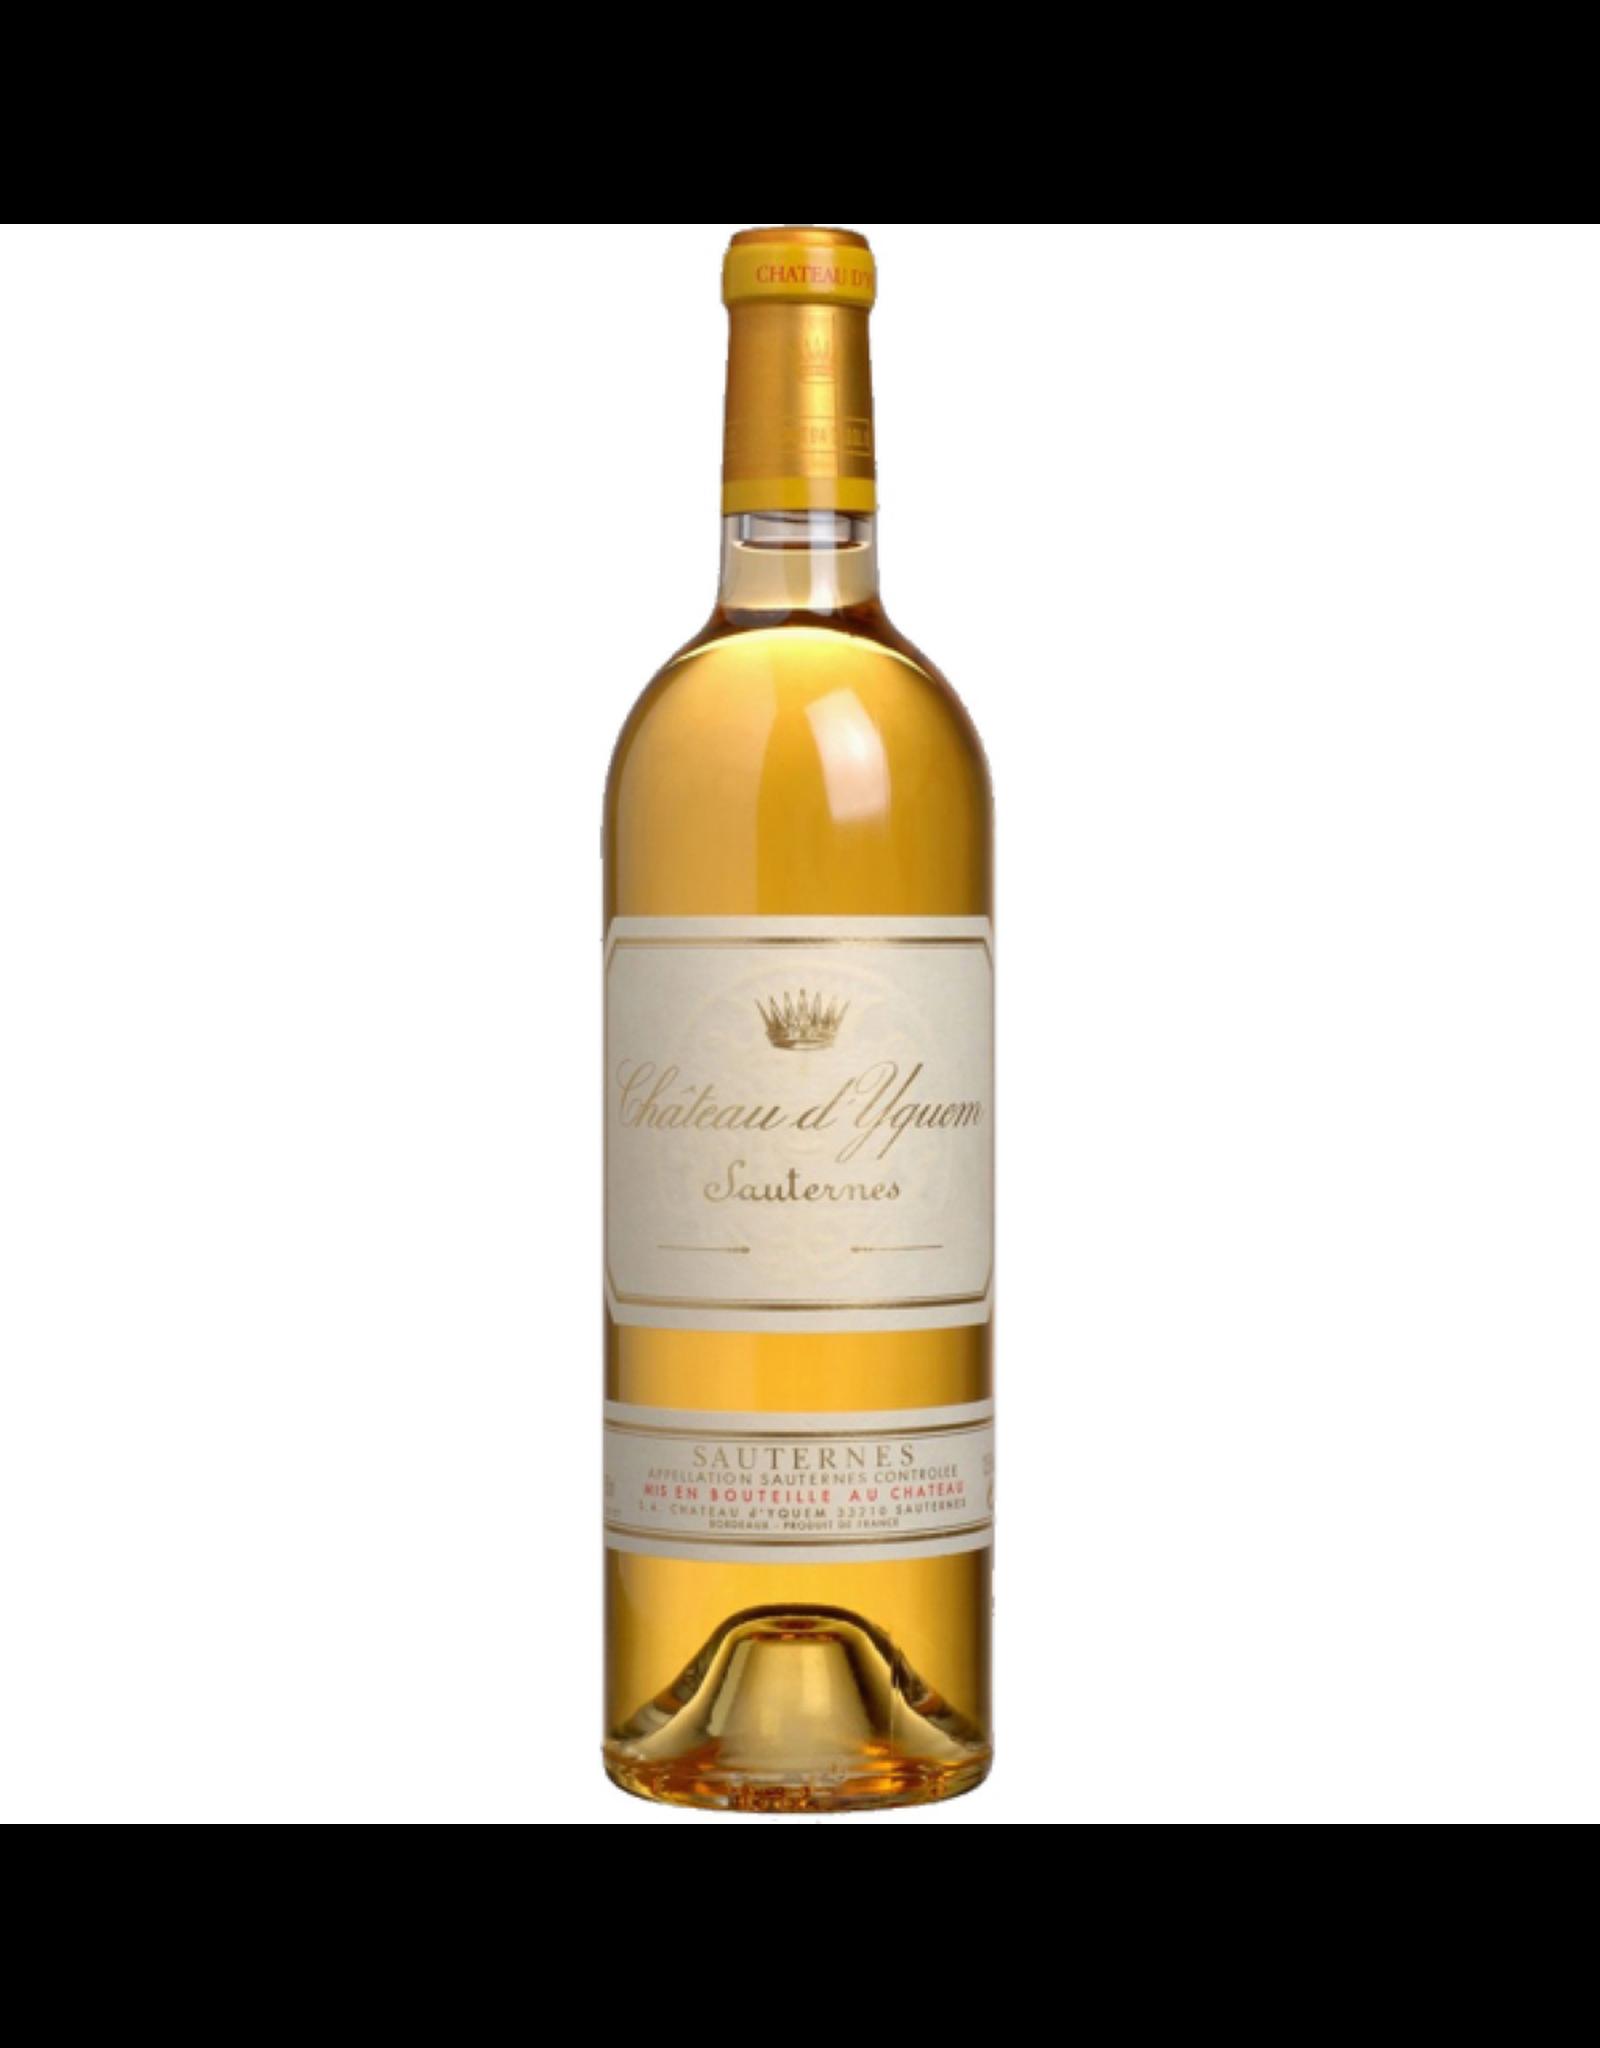 Desert Wine 2015, Chateau d'Yquem, Semillon- Sauvignon Blanc Blend, Sauternes, Bordeaux, France, 14% Alc, CT97.7 RP100 JS100